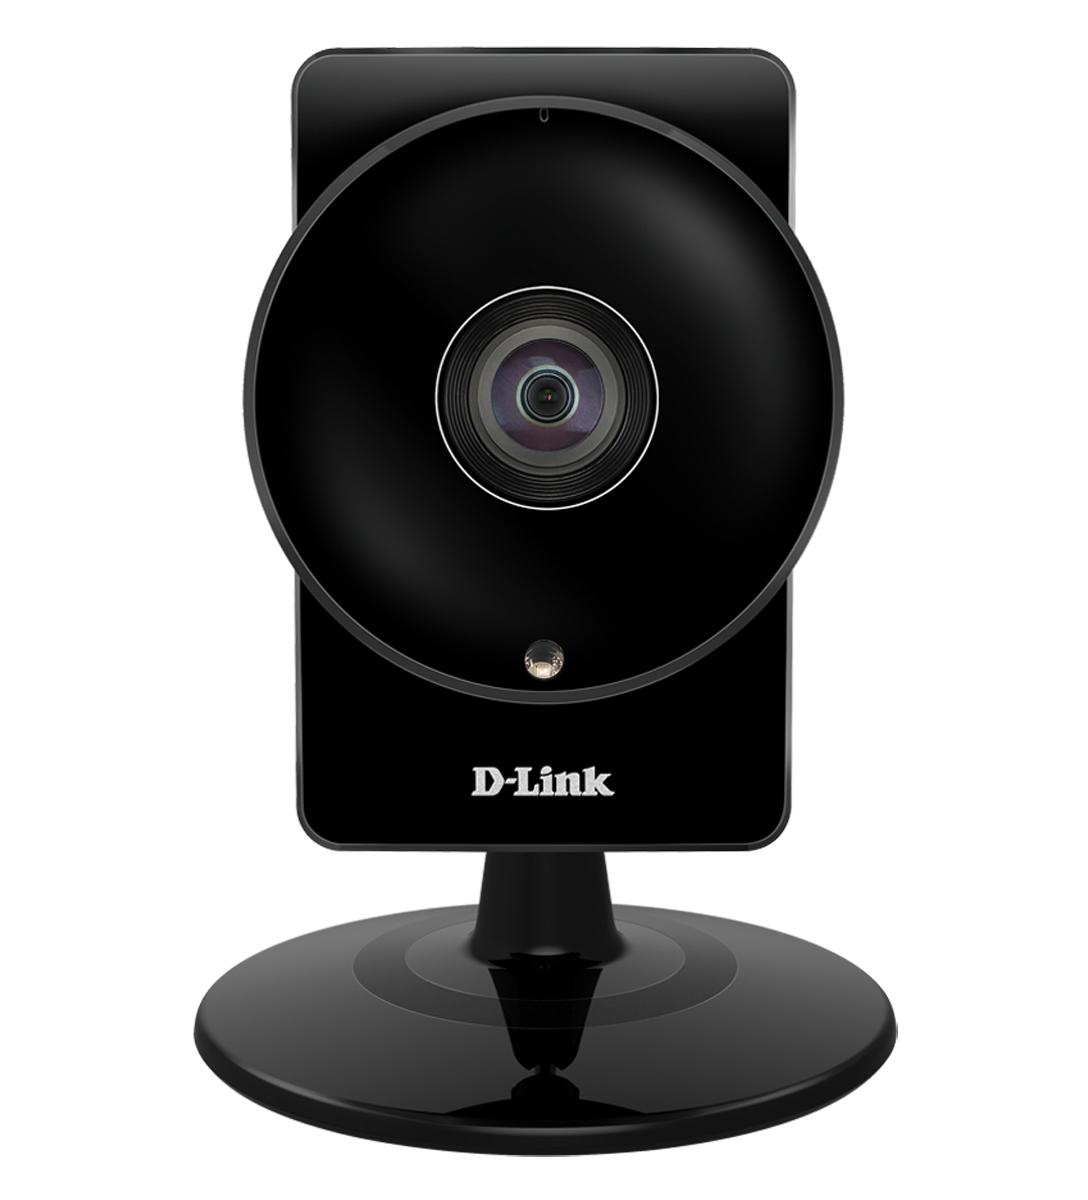 D-Link DCS 960L HD 180-Degree Wi-Fi Camera - Netzwerk-Überwachungskamera - Farbe (Tag&Nacht)